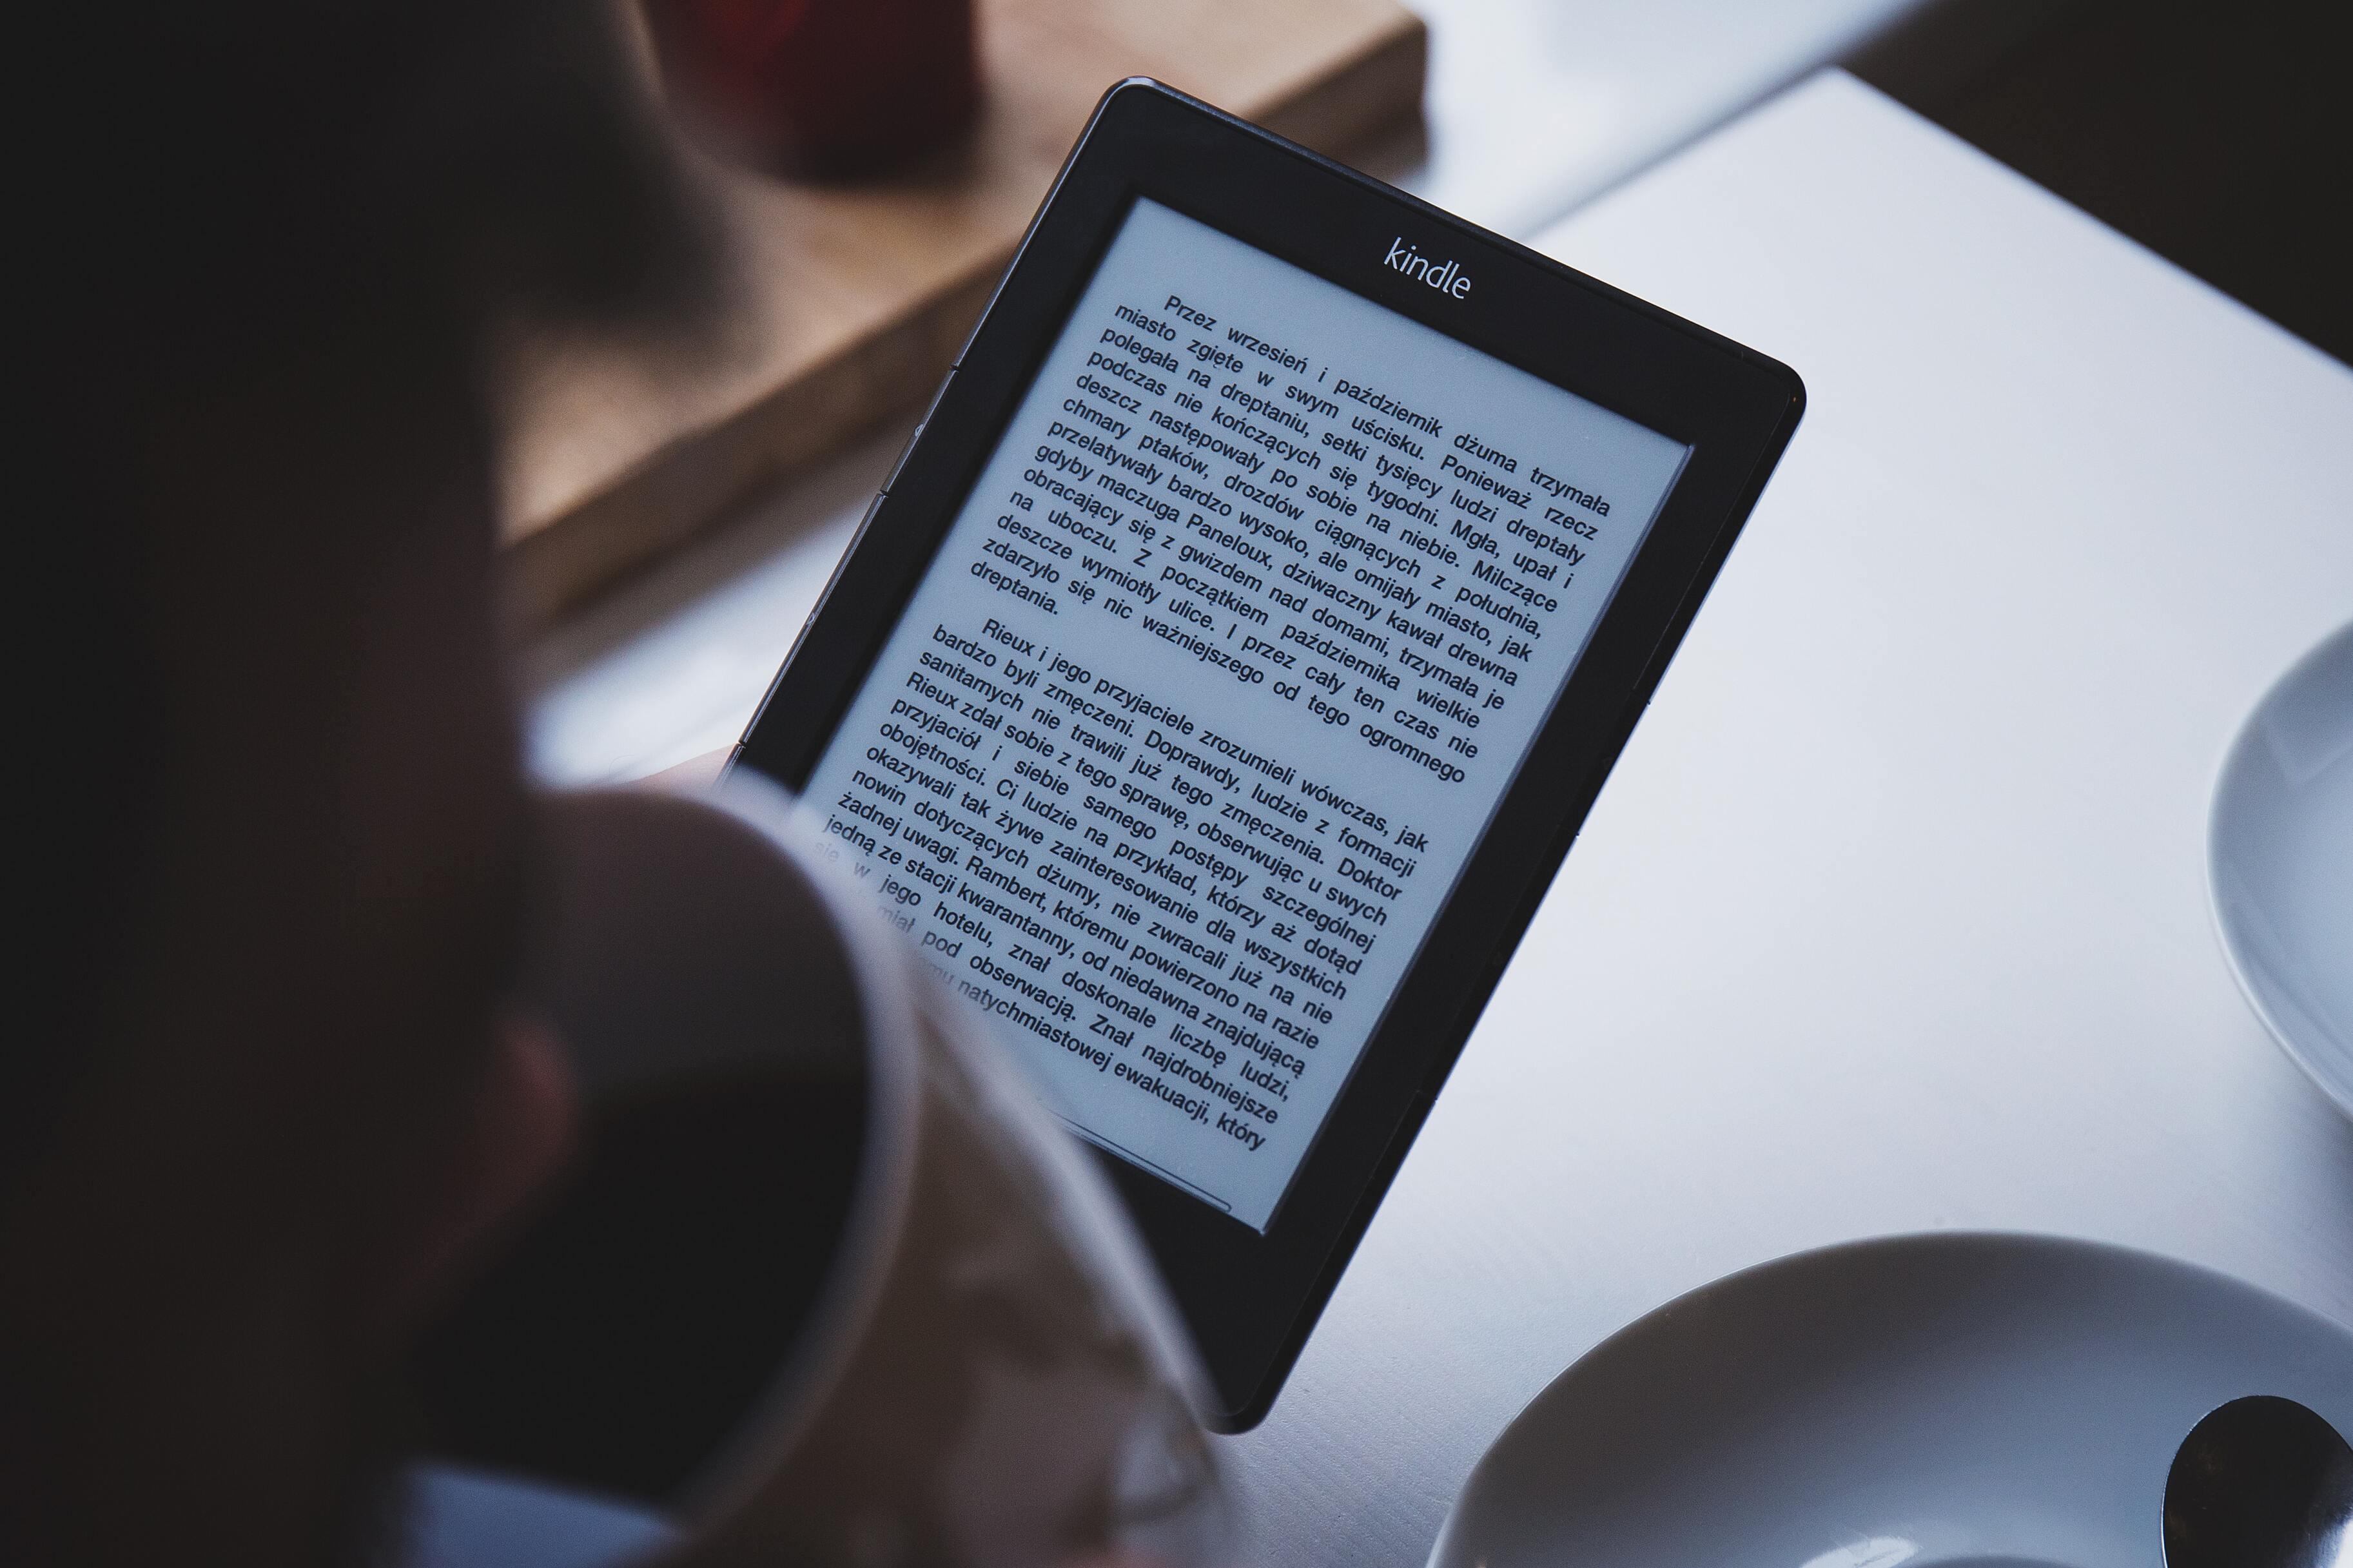 Электронные книги отстали по продажам от бумажных